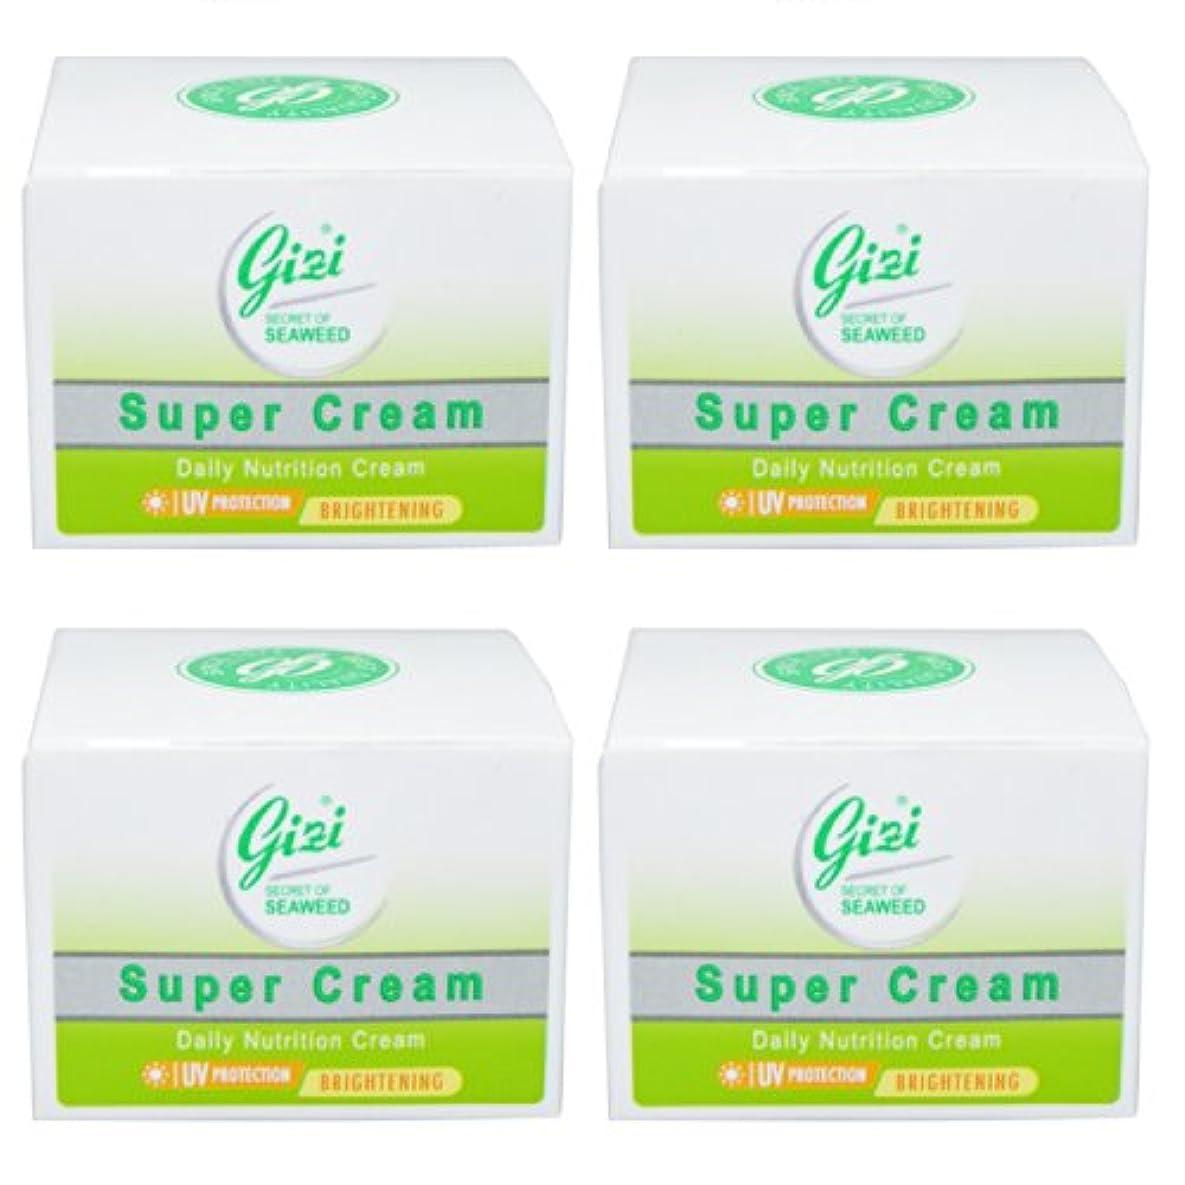 マインドフルリズミカルな人事GIZI Super Cream(ギジ スーパークリーム)フェイスクリーム9g 4個セット[並行輸入品][海外直送品]